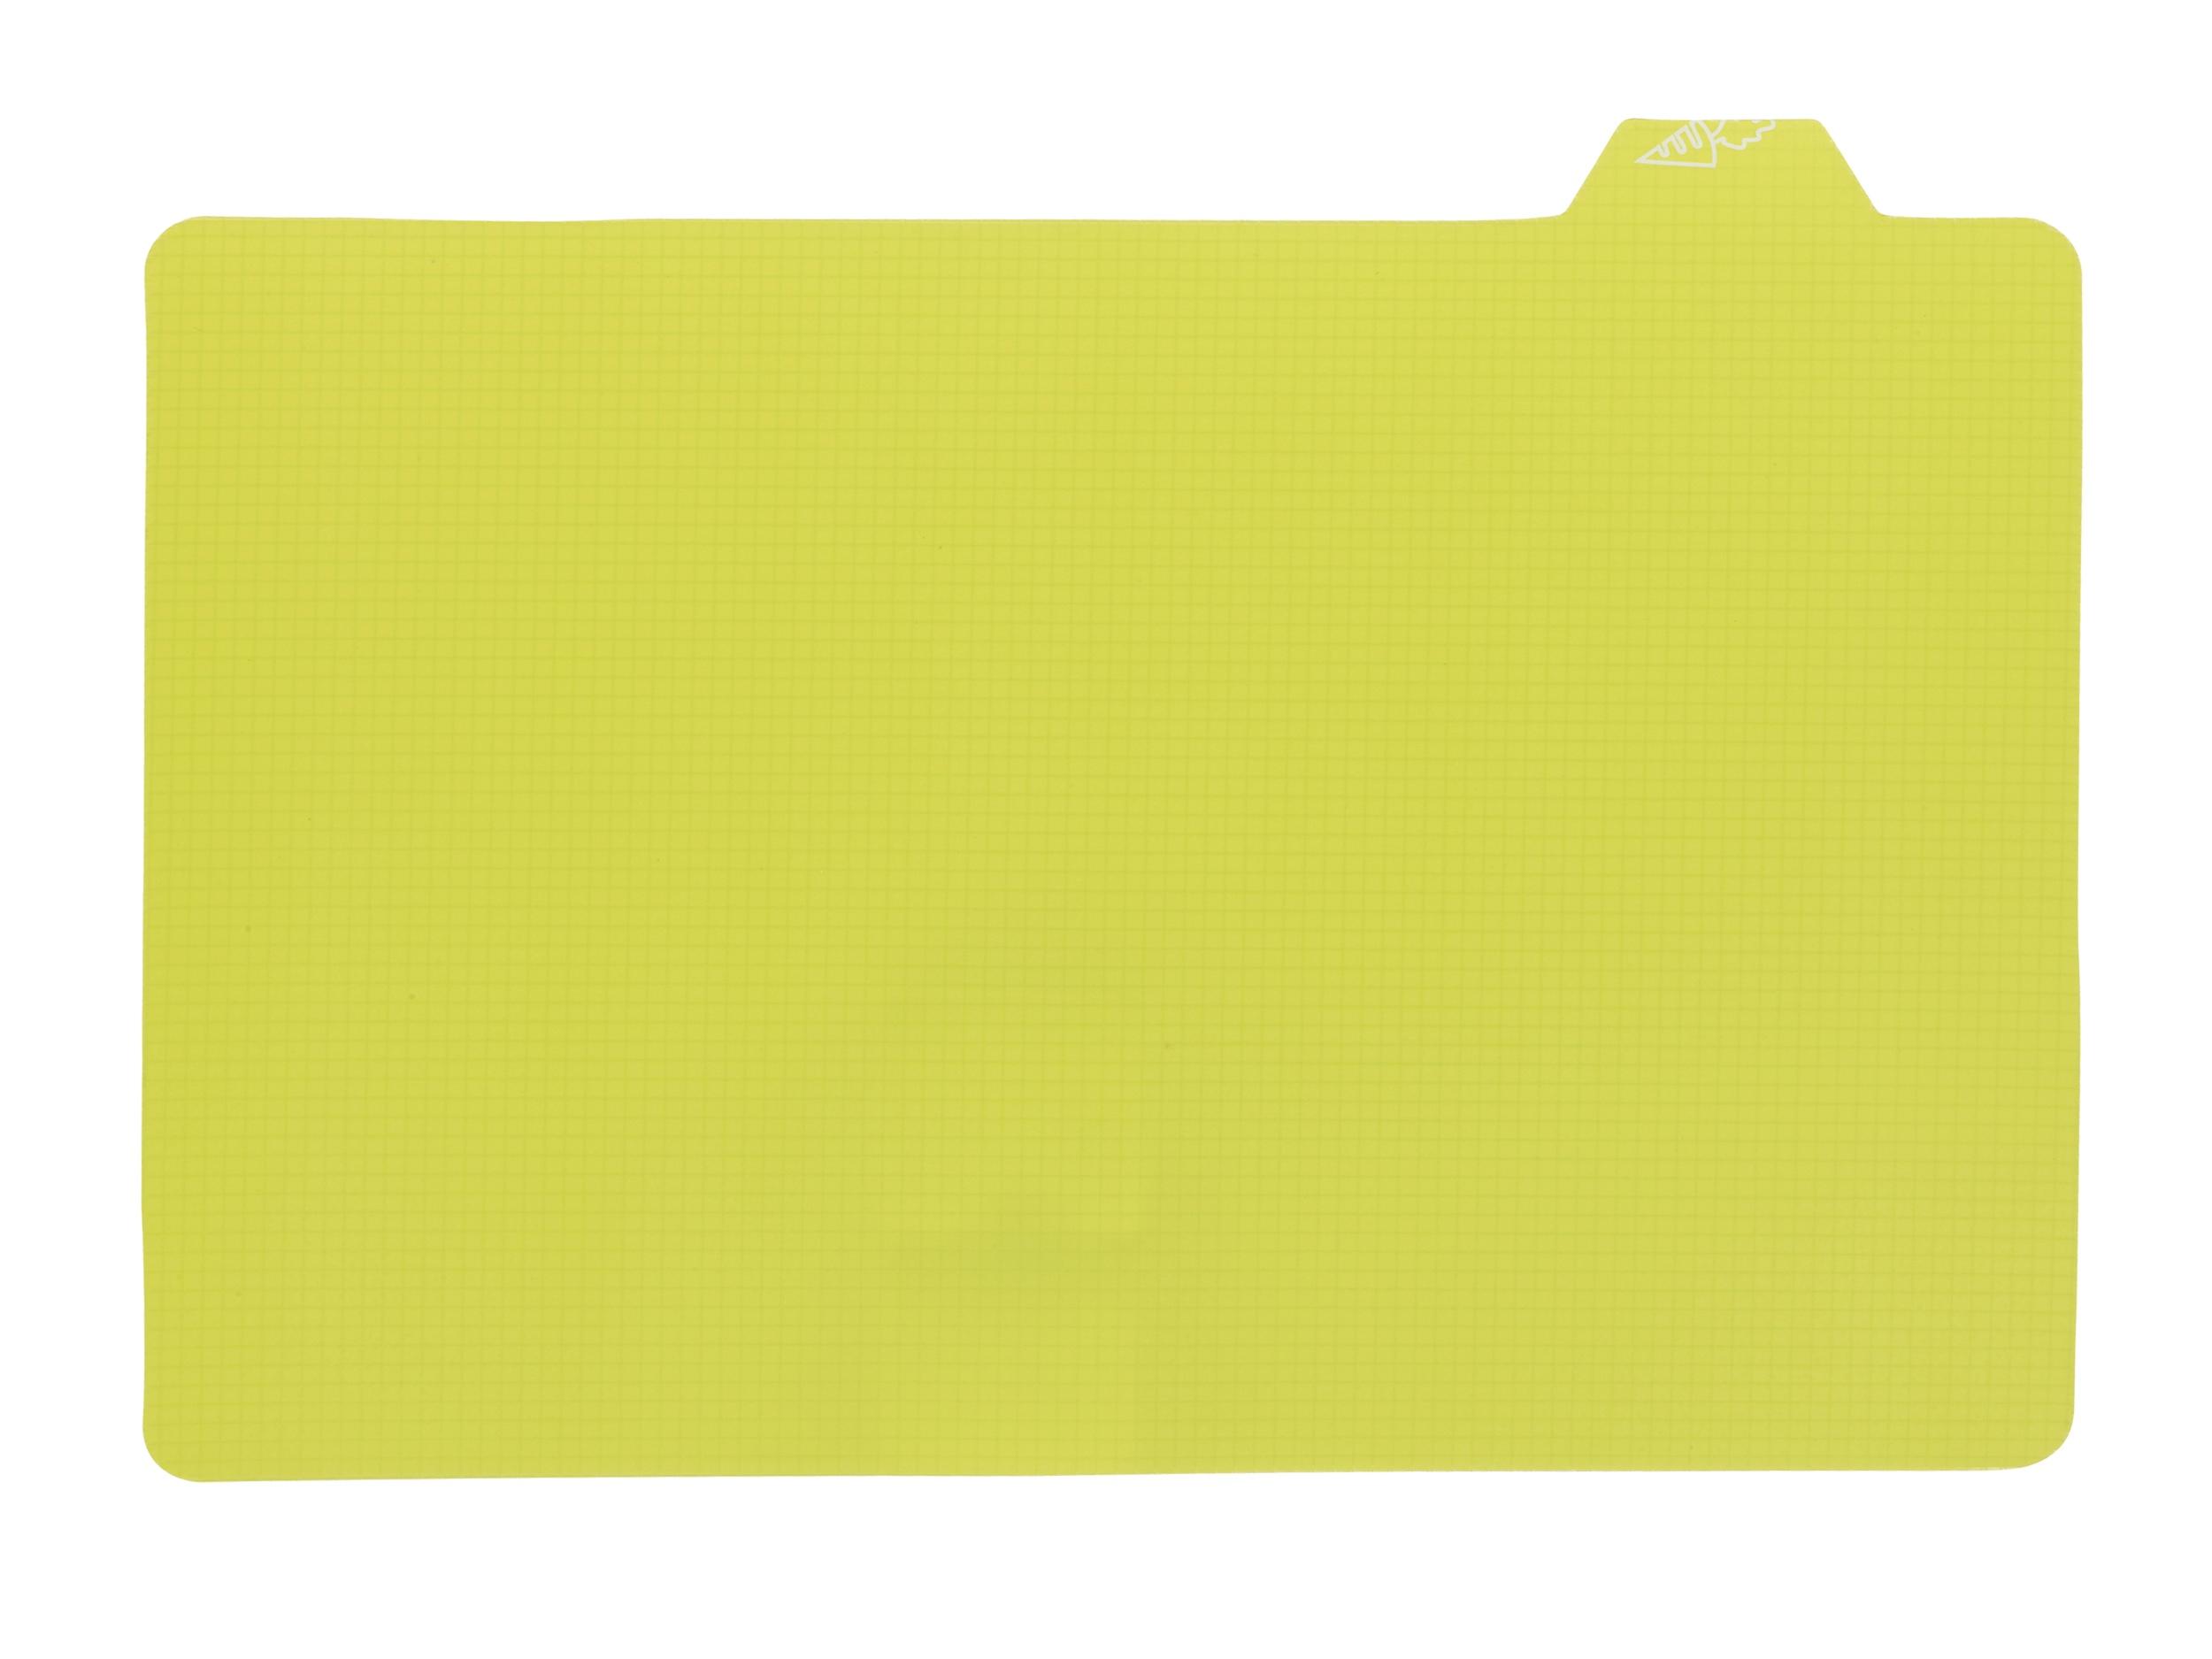 4 gro e symbol codierten flexi plastik zerkleinern schneiden biegbar matten ebay. Black Bedroom Furniture Sets. Home Design Ideas